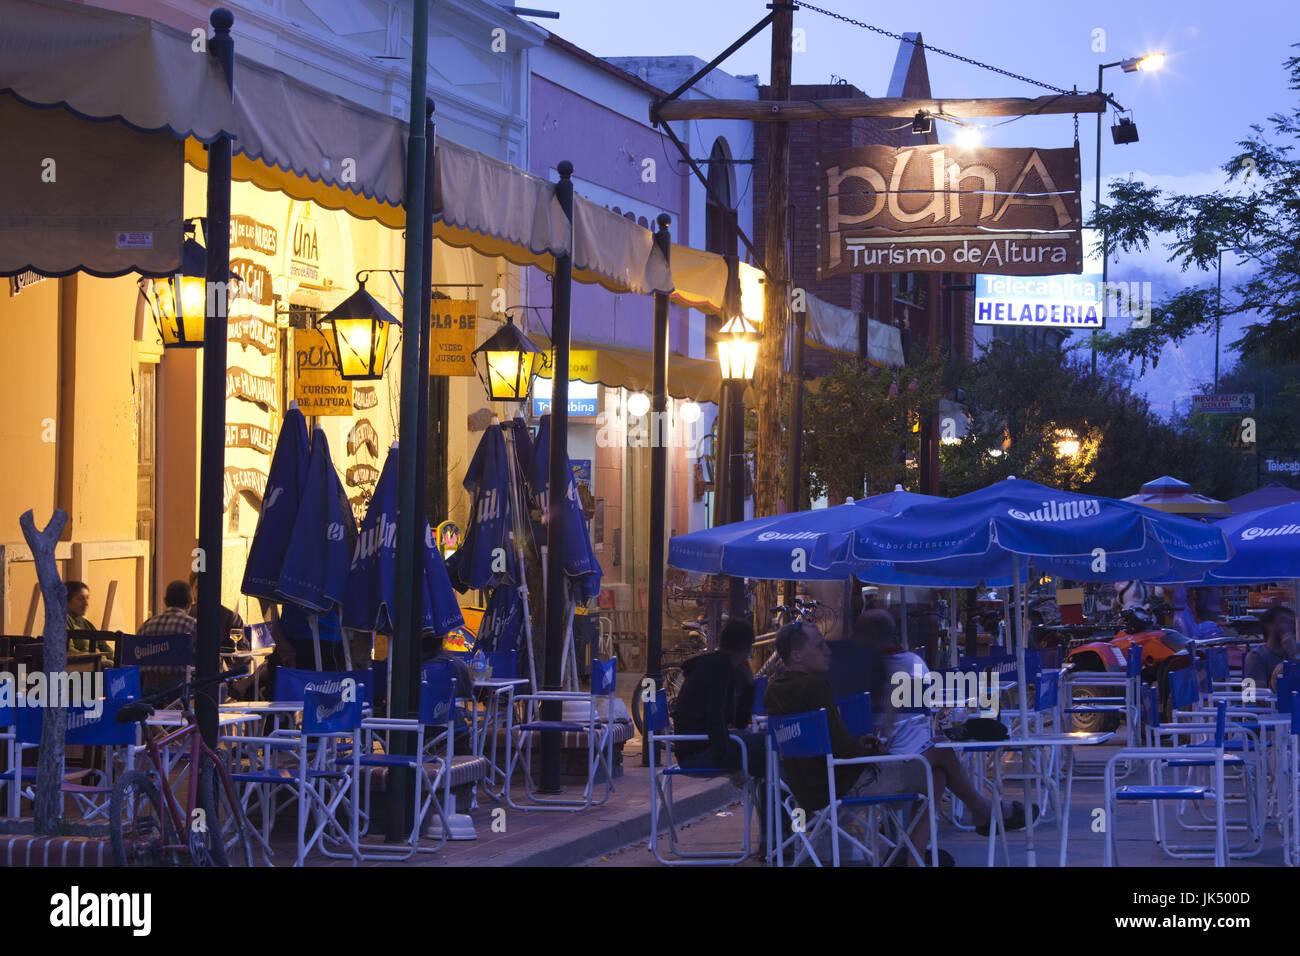 Argentina, Salta Province, Valles Calchaquies, Cafayate, Plaza San Martin cafes - Stock Image